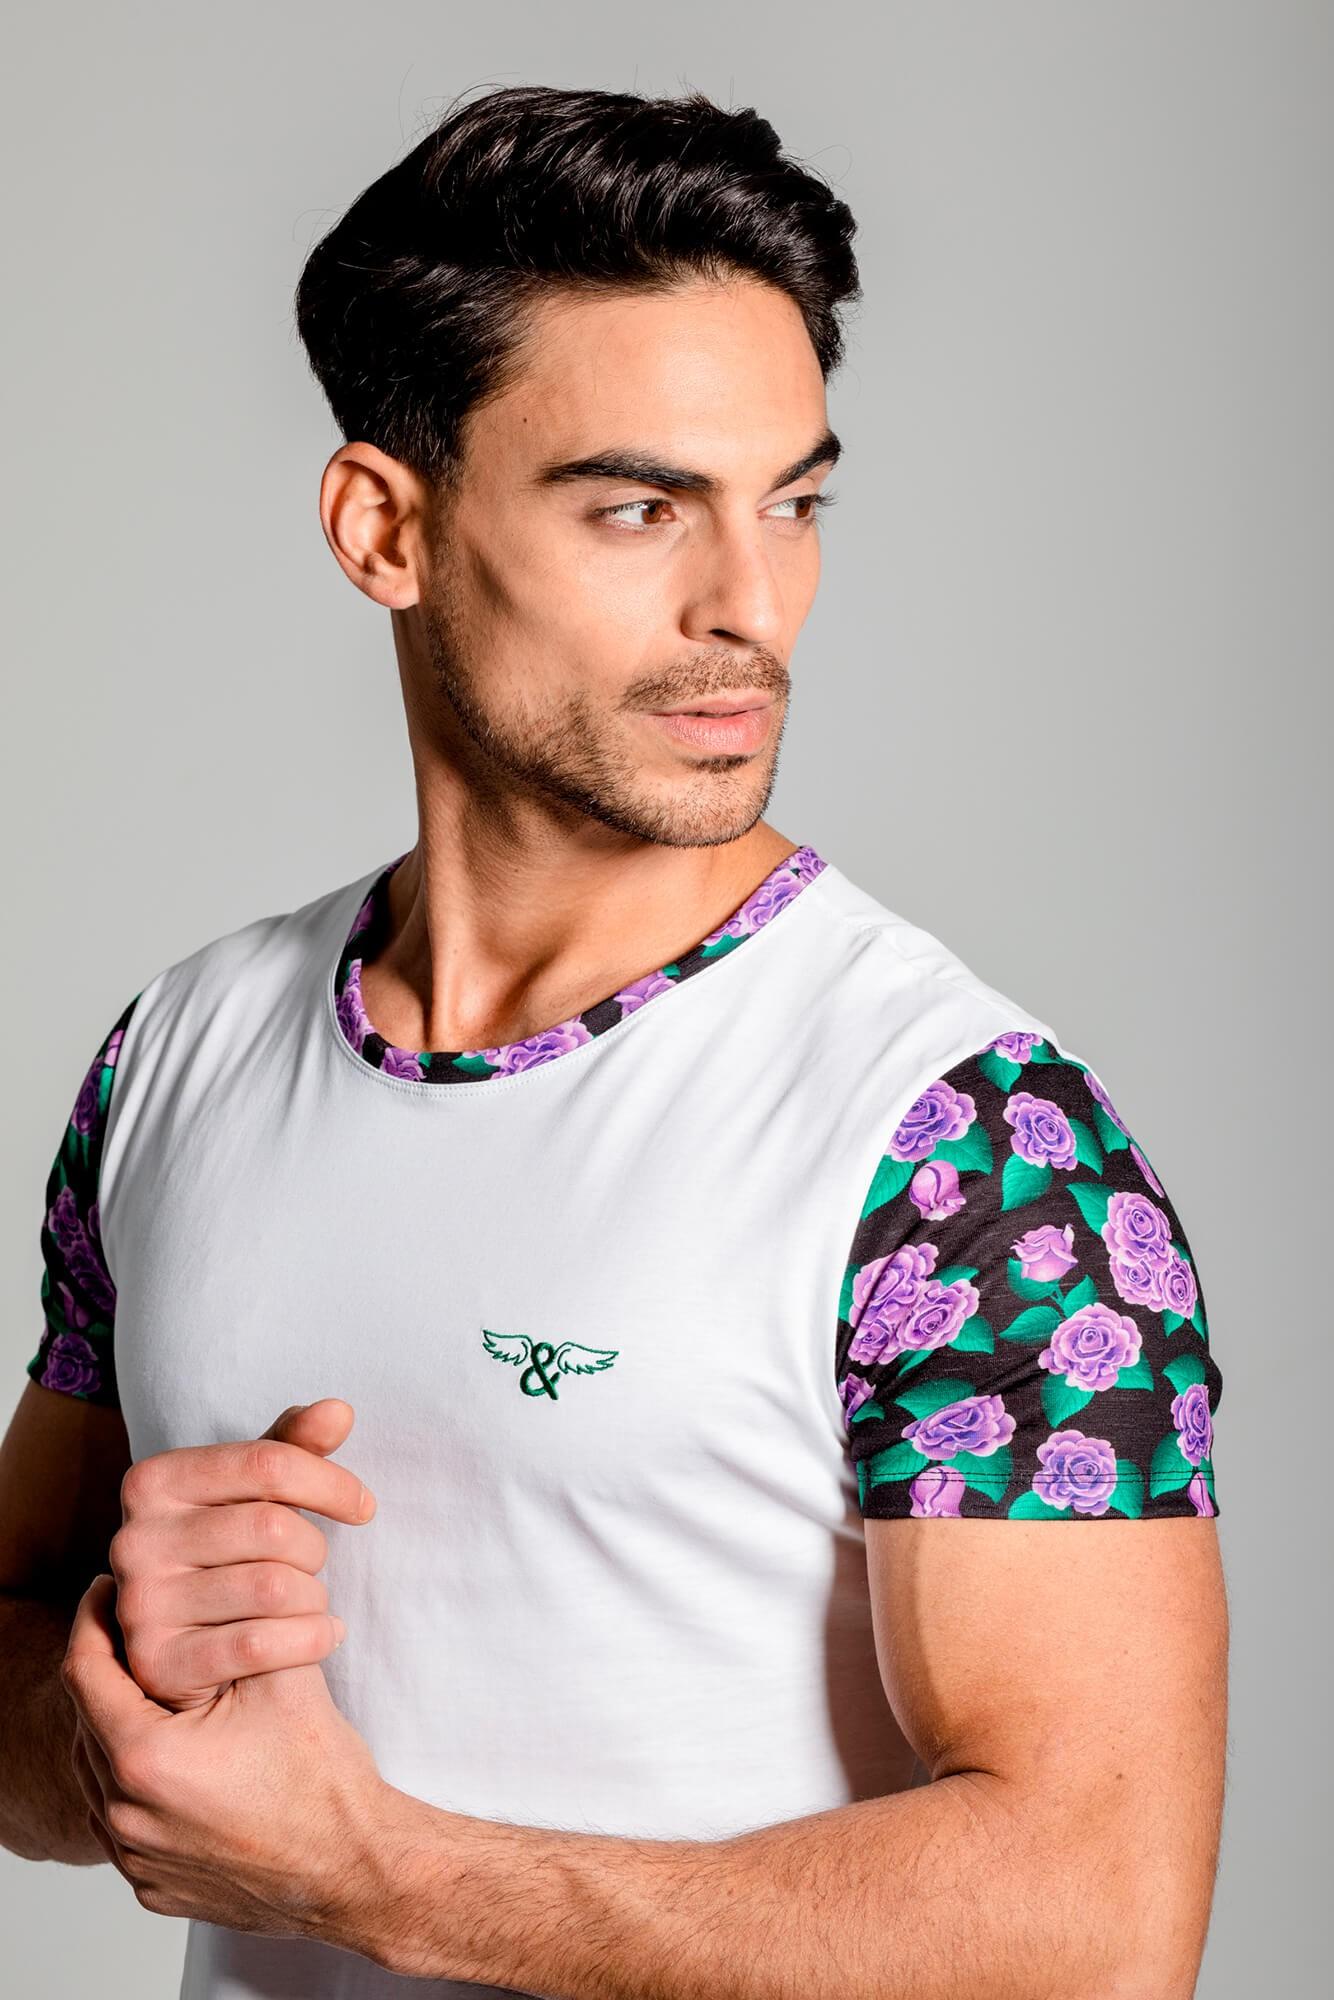 Camiseta con estampado de rosas, de cuello redondo. Estilo urbano ELIU streetwear.